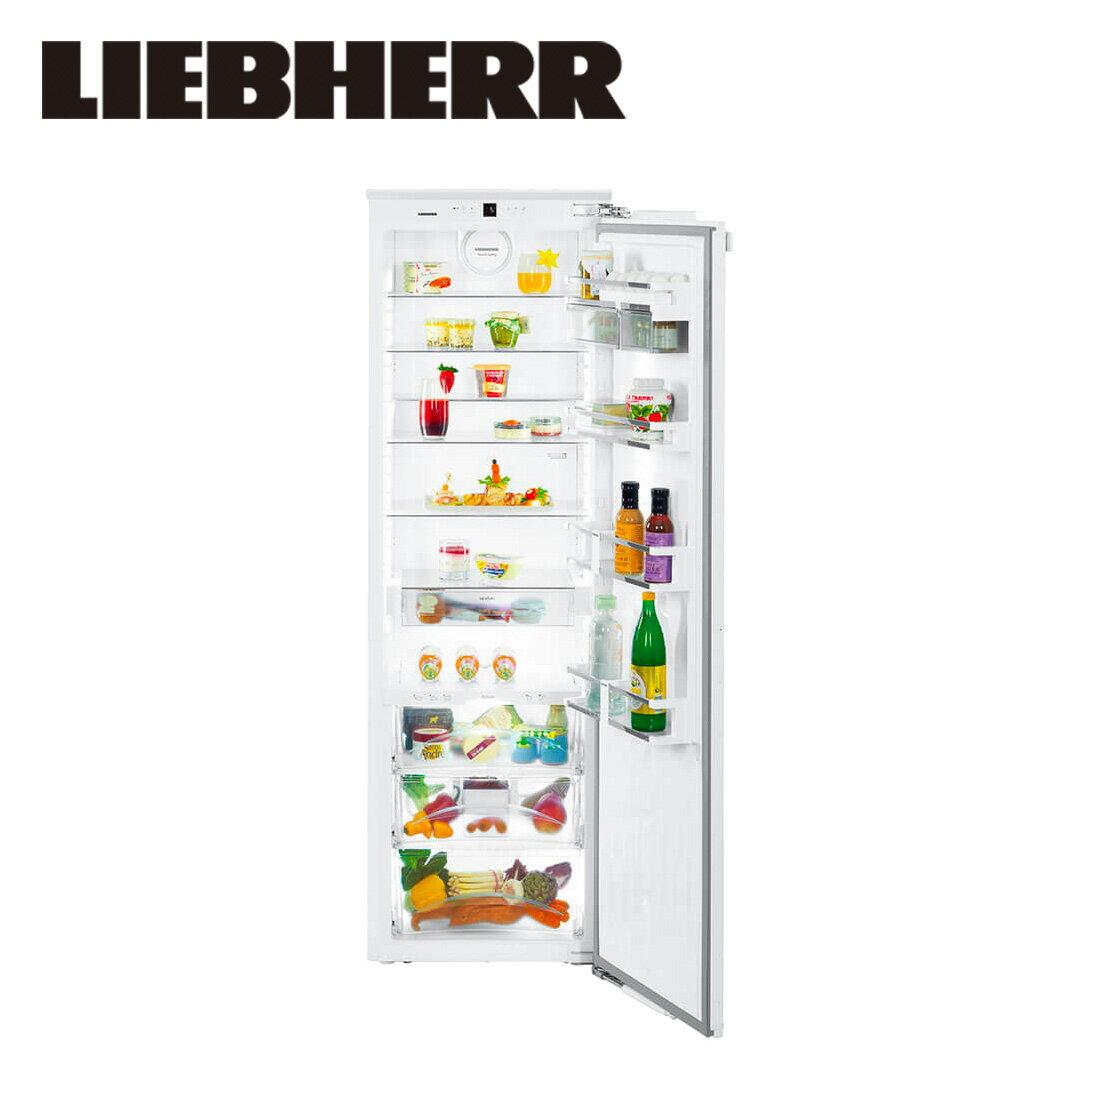 リープヘルの冷蔵庫おすすめ5選|サイズや価格などの注意点も!のサムネイル画像